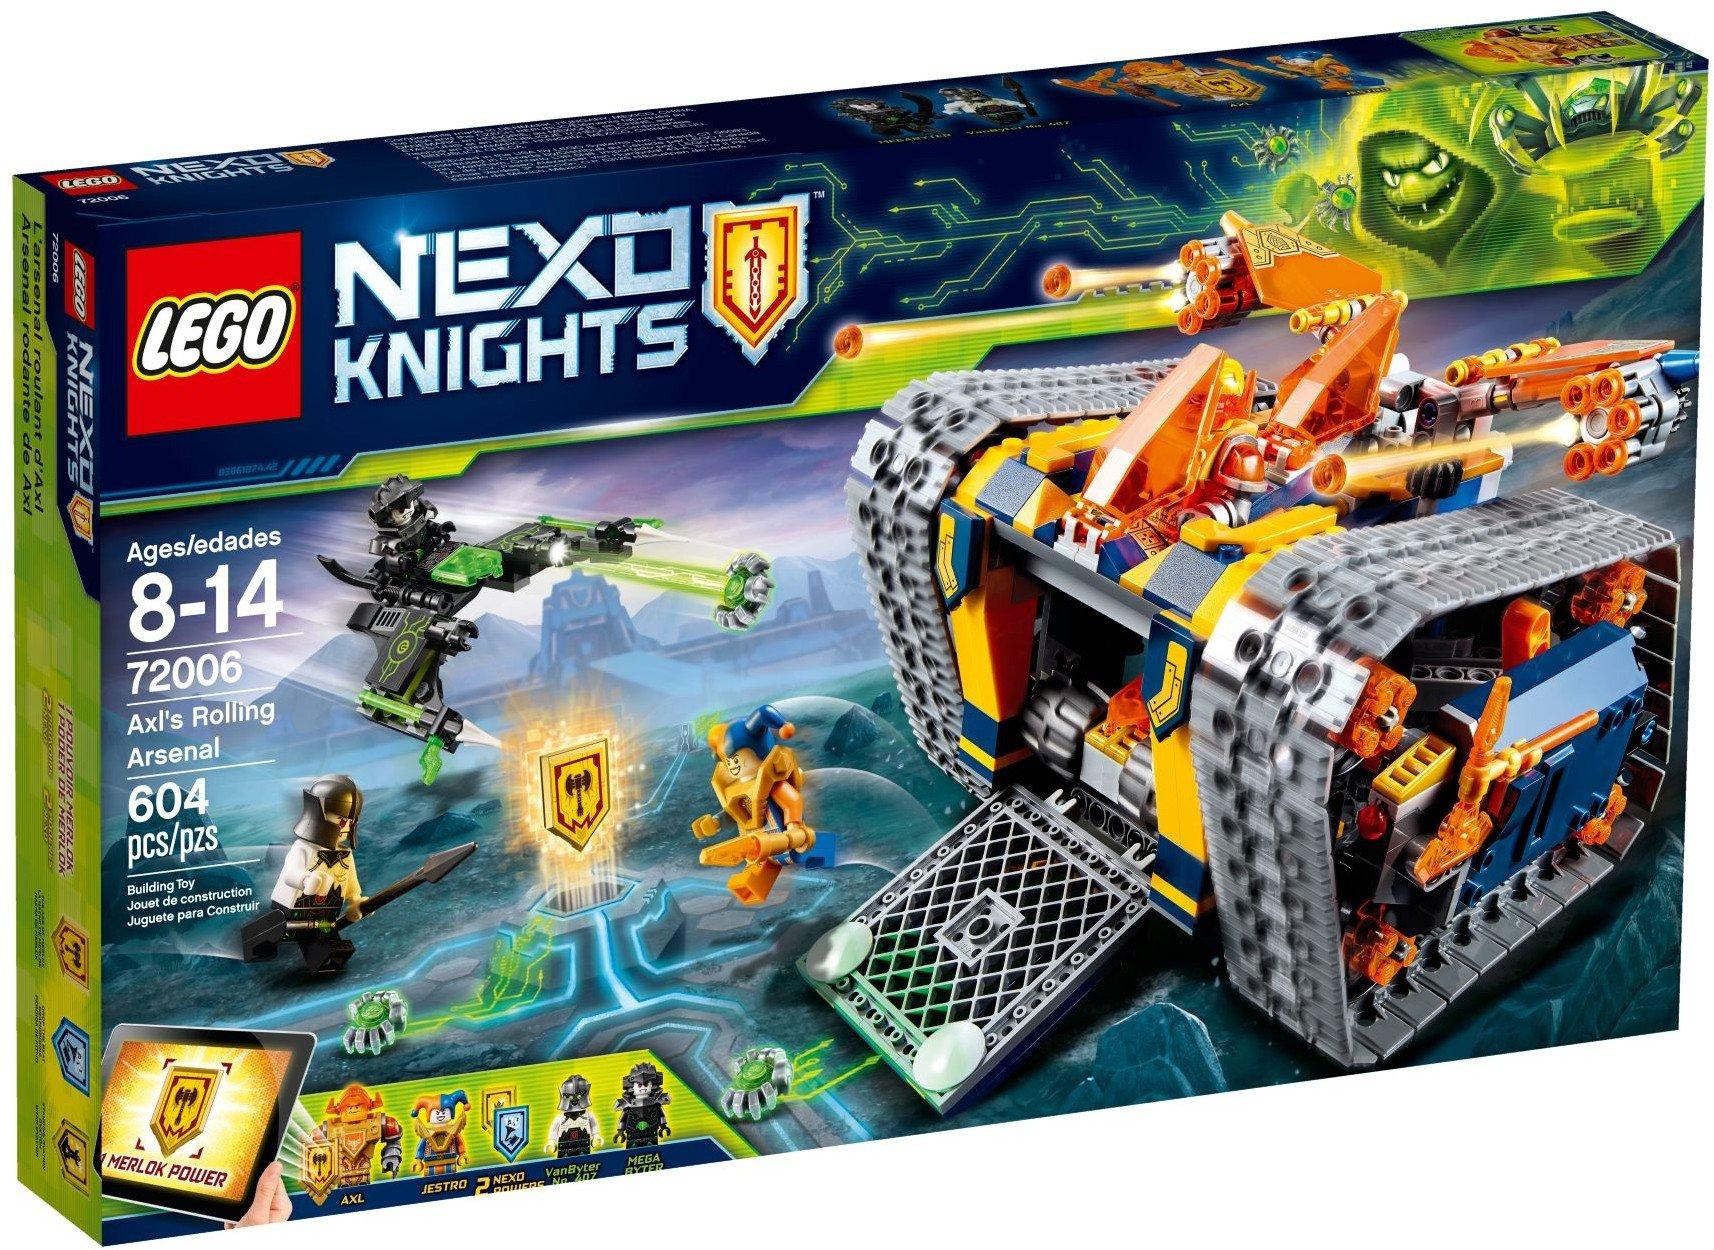 Klocki Lego Nexo Knights Mojeklocki24